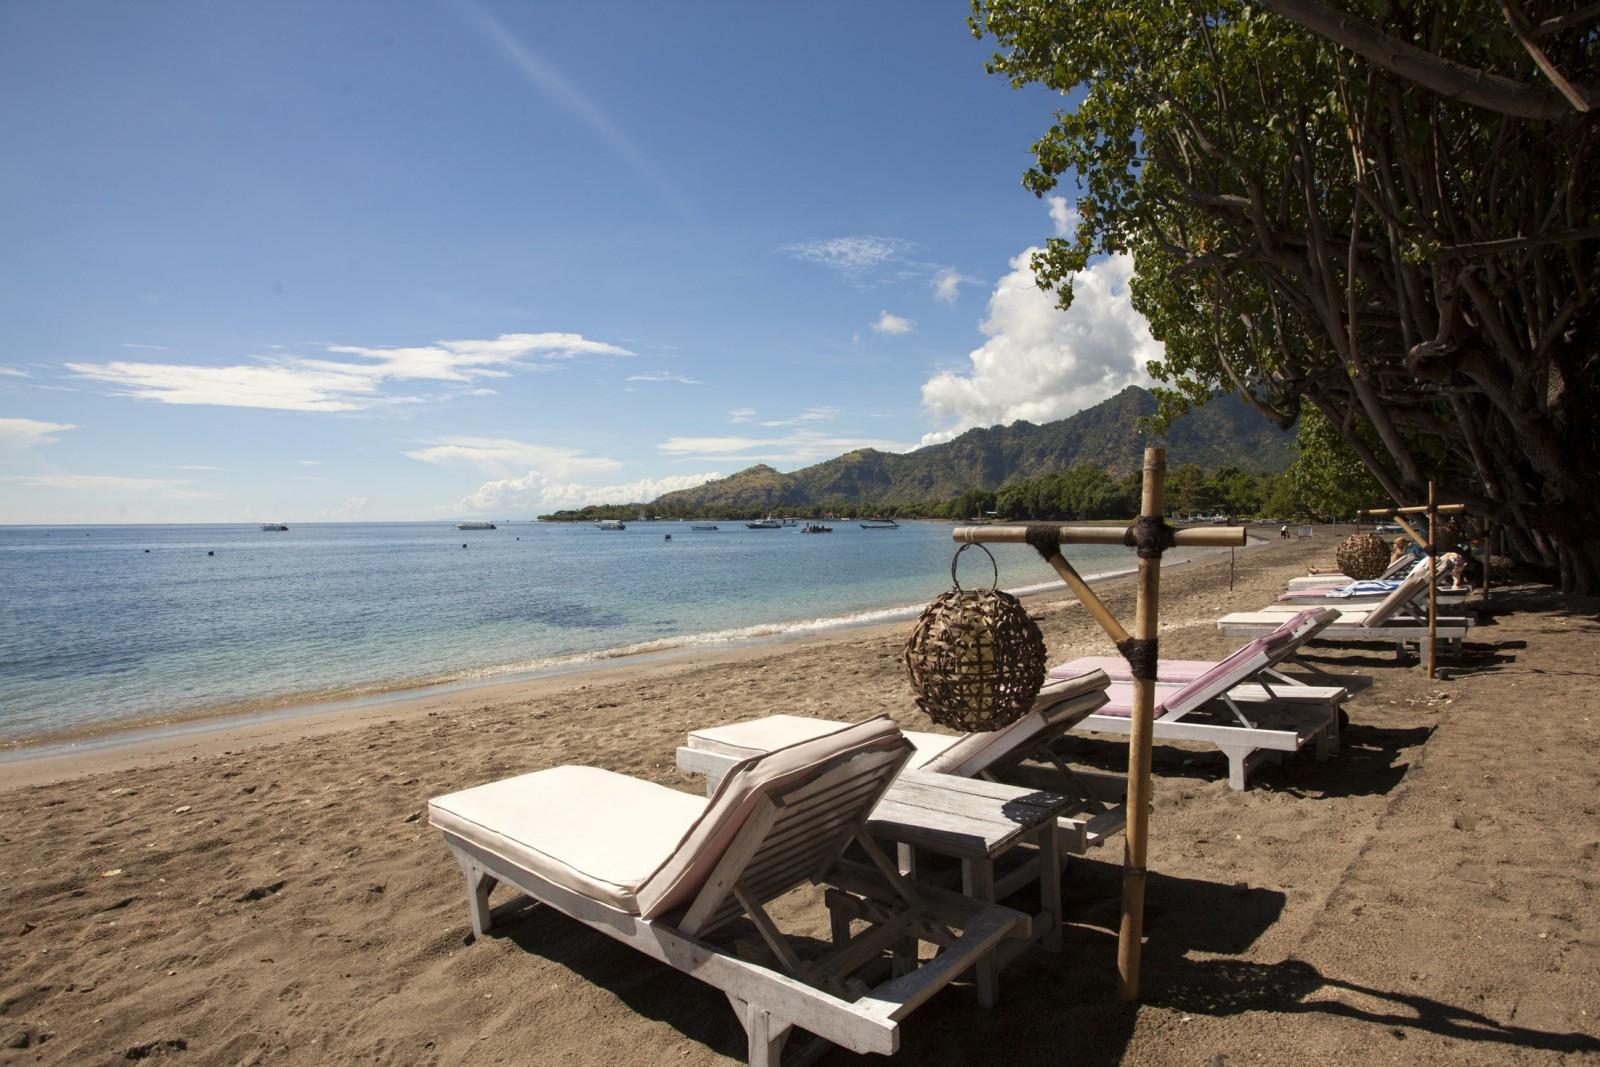 taman_sari_resort_beach